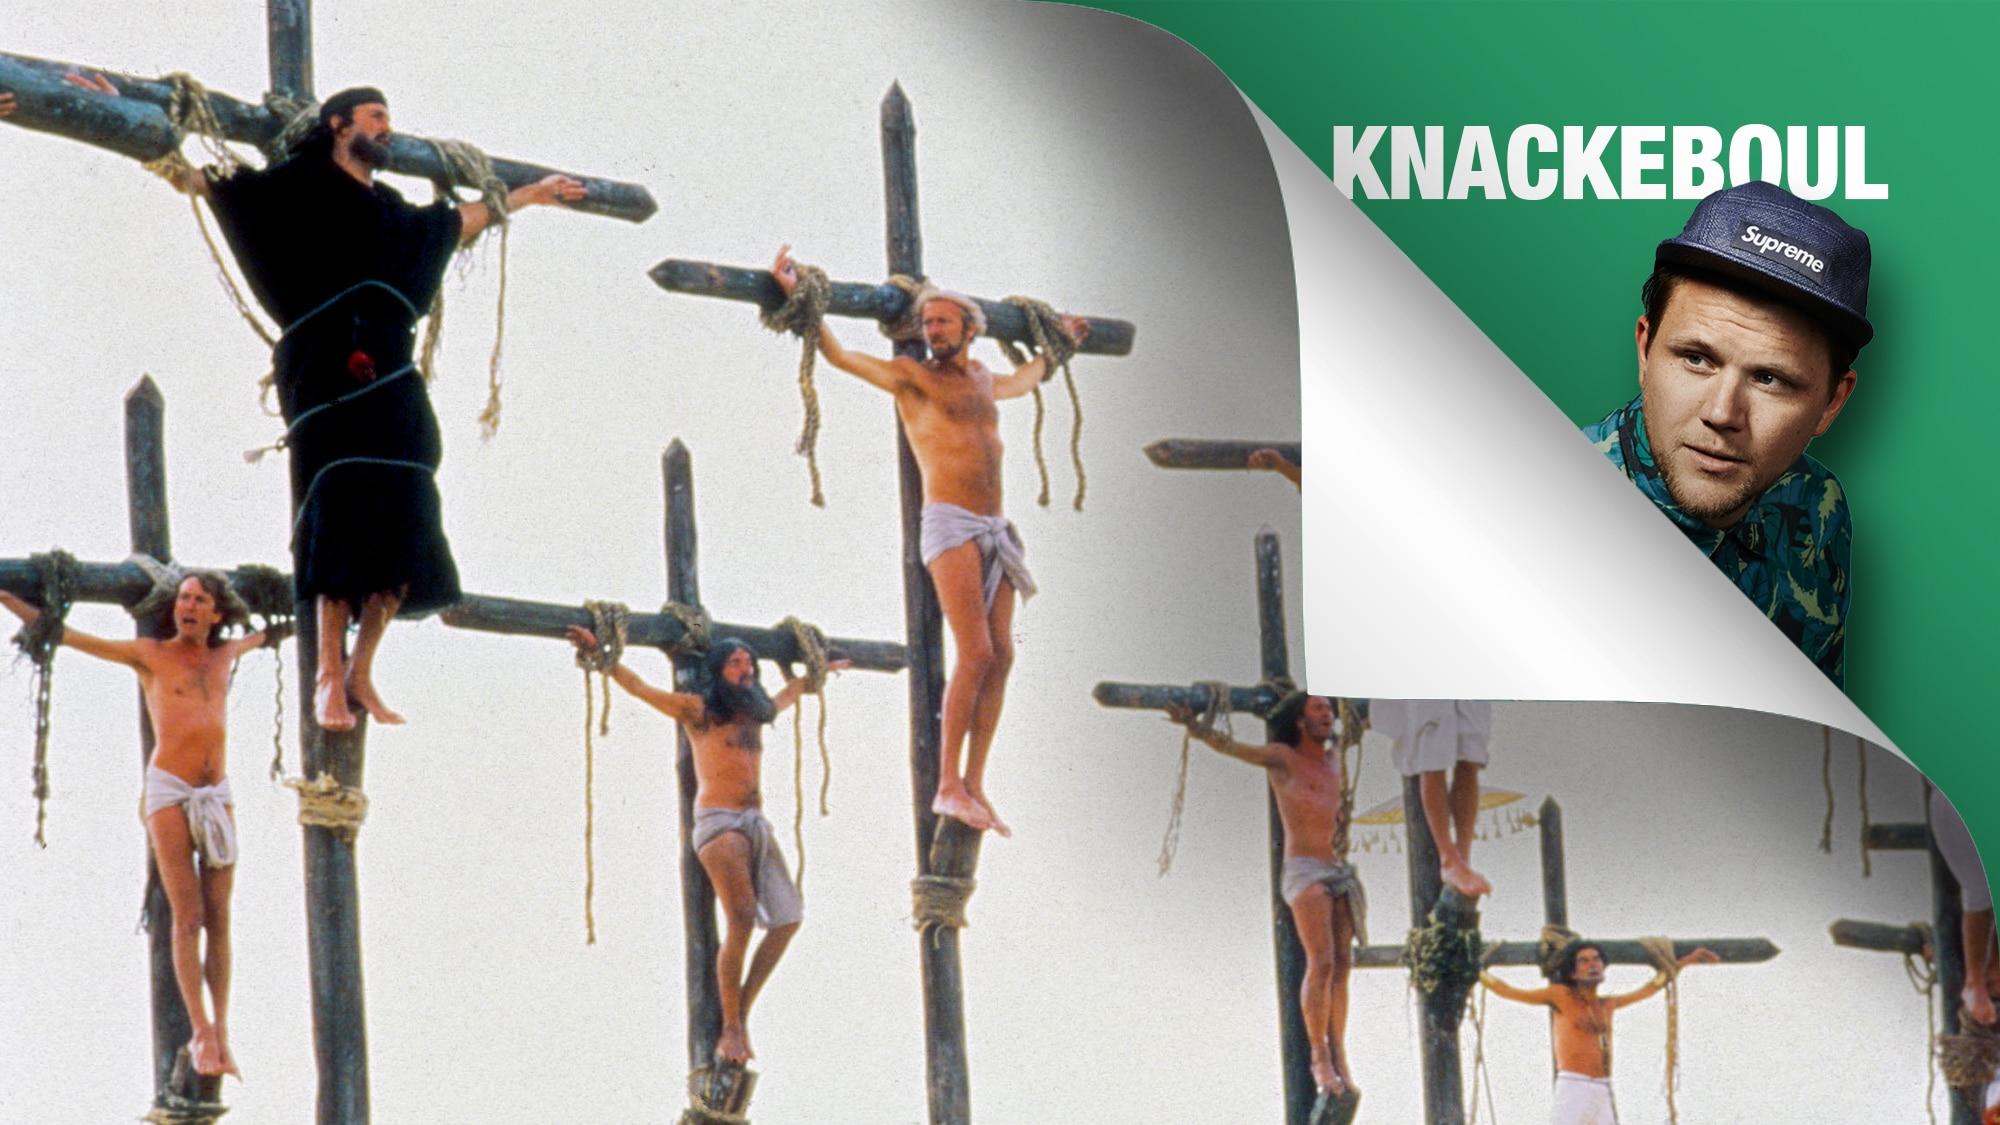 Am dritten Tage auferstanden von den Toten … ne, das war angeblich Jesus. Wir sehen hier Brian und seine Mitgekreuzigten.